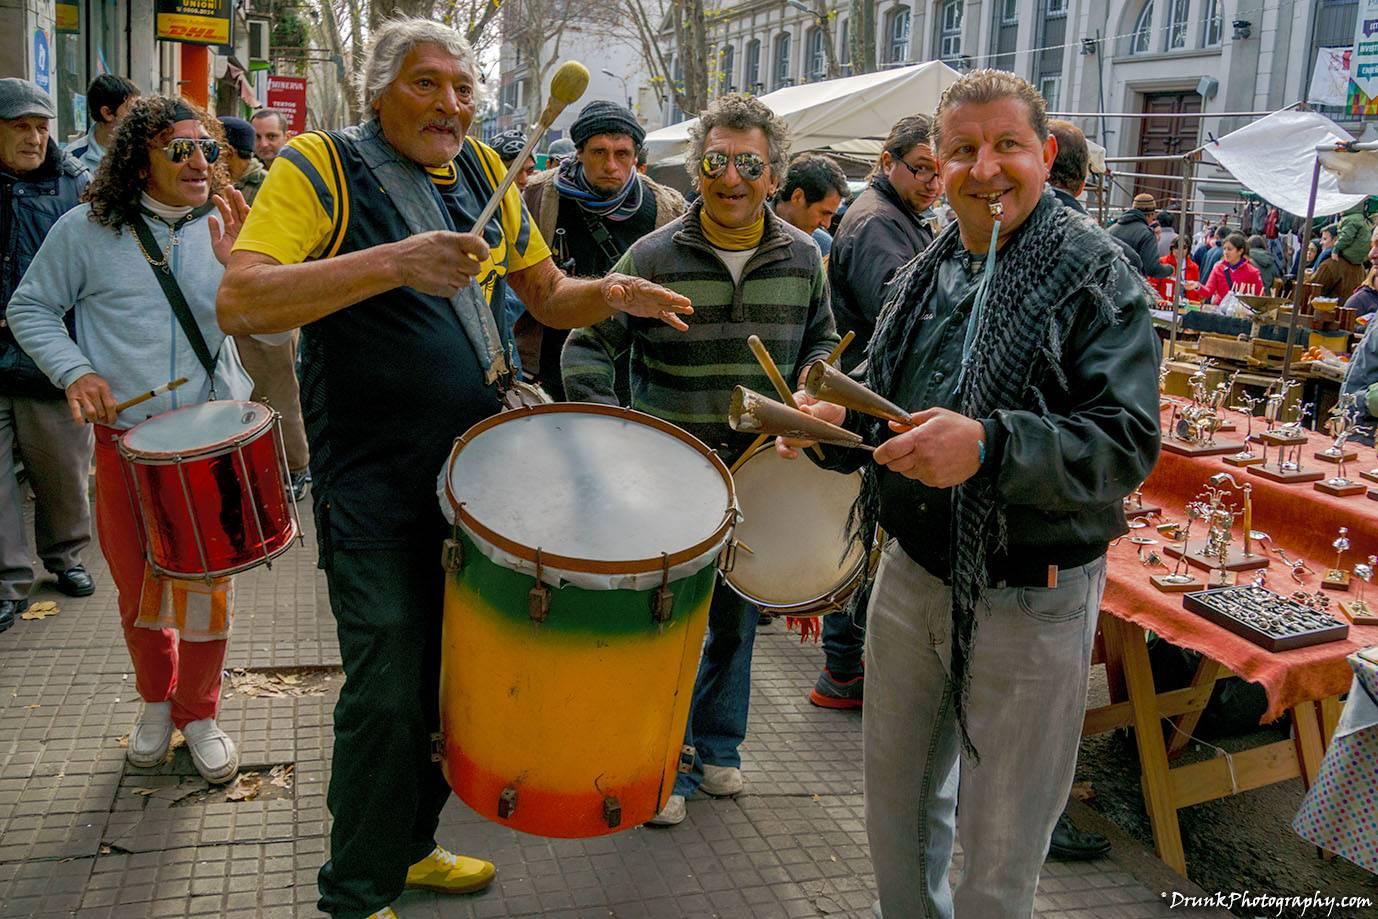 Feria de Tristán Narvaja Drunkphotography.com Otis DuPont